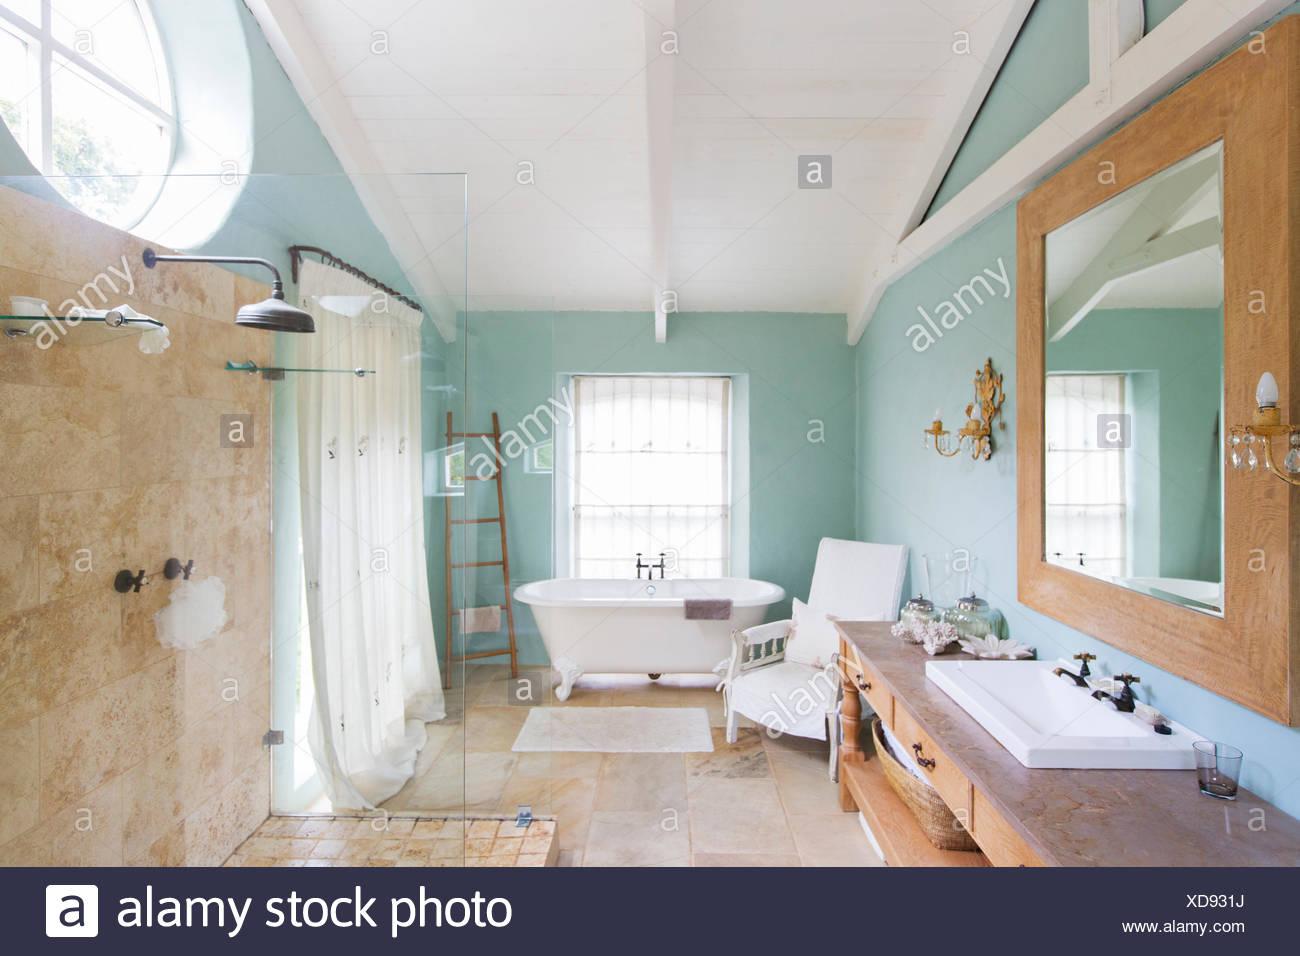 Badewanne und Dusche in rustikale Badezimmer Stockfoto, Bild ...